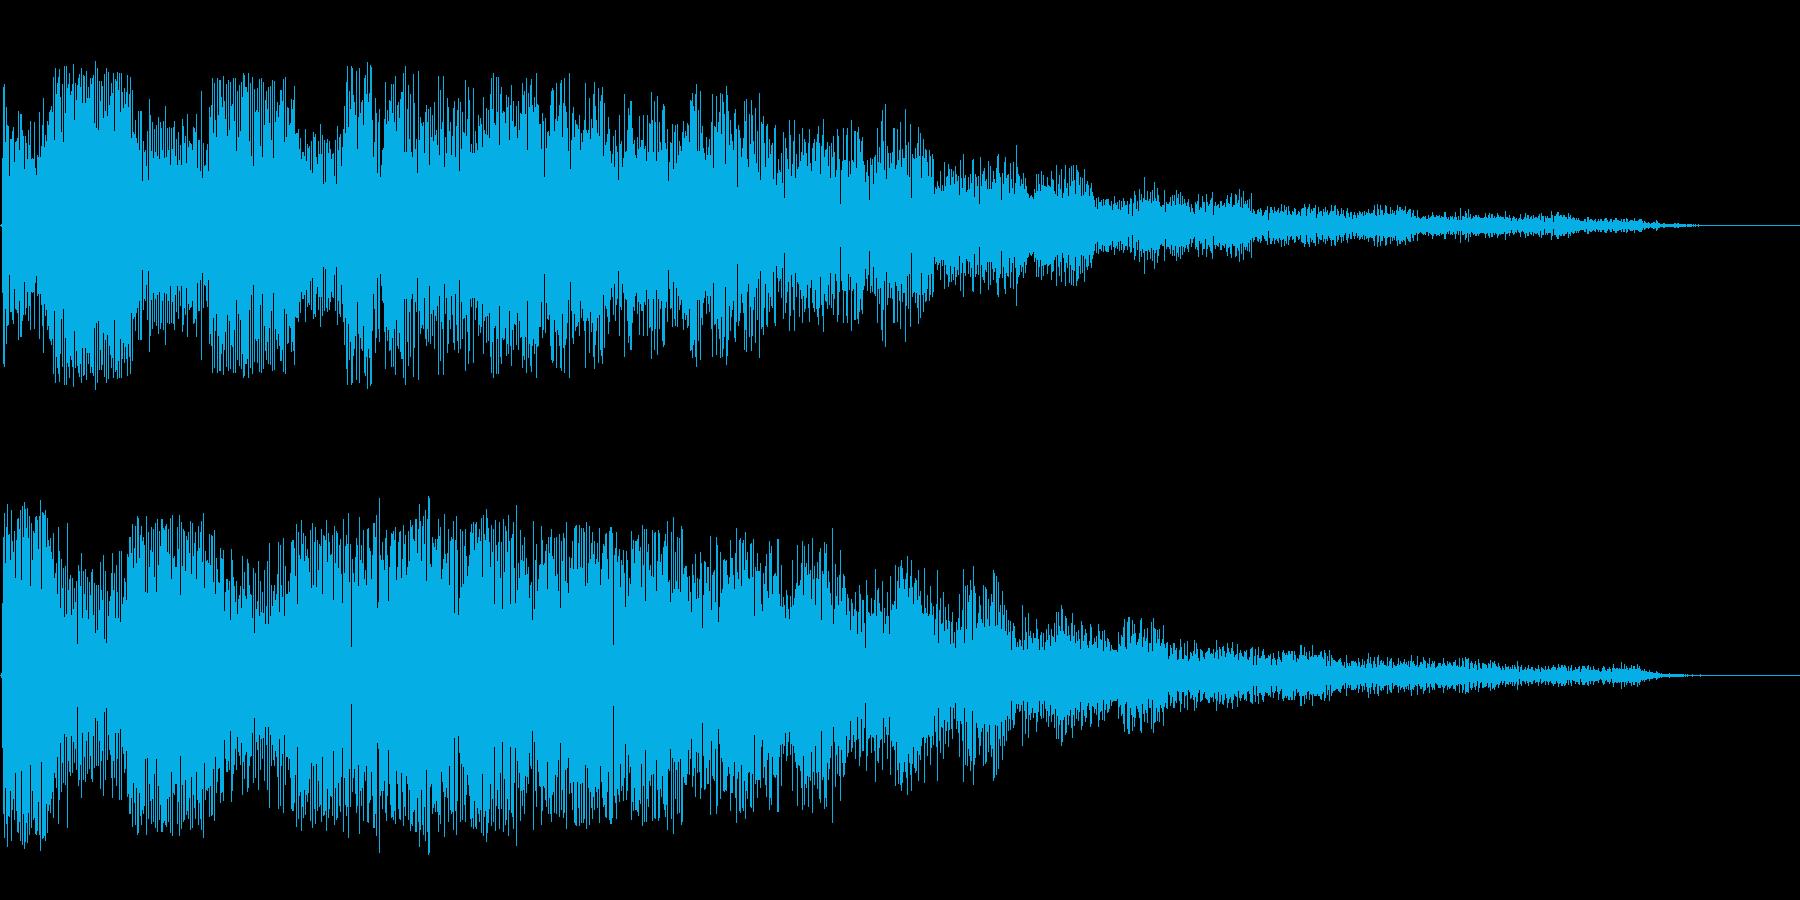 異世界を感じさせる不思議な音の再生済みの波形